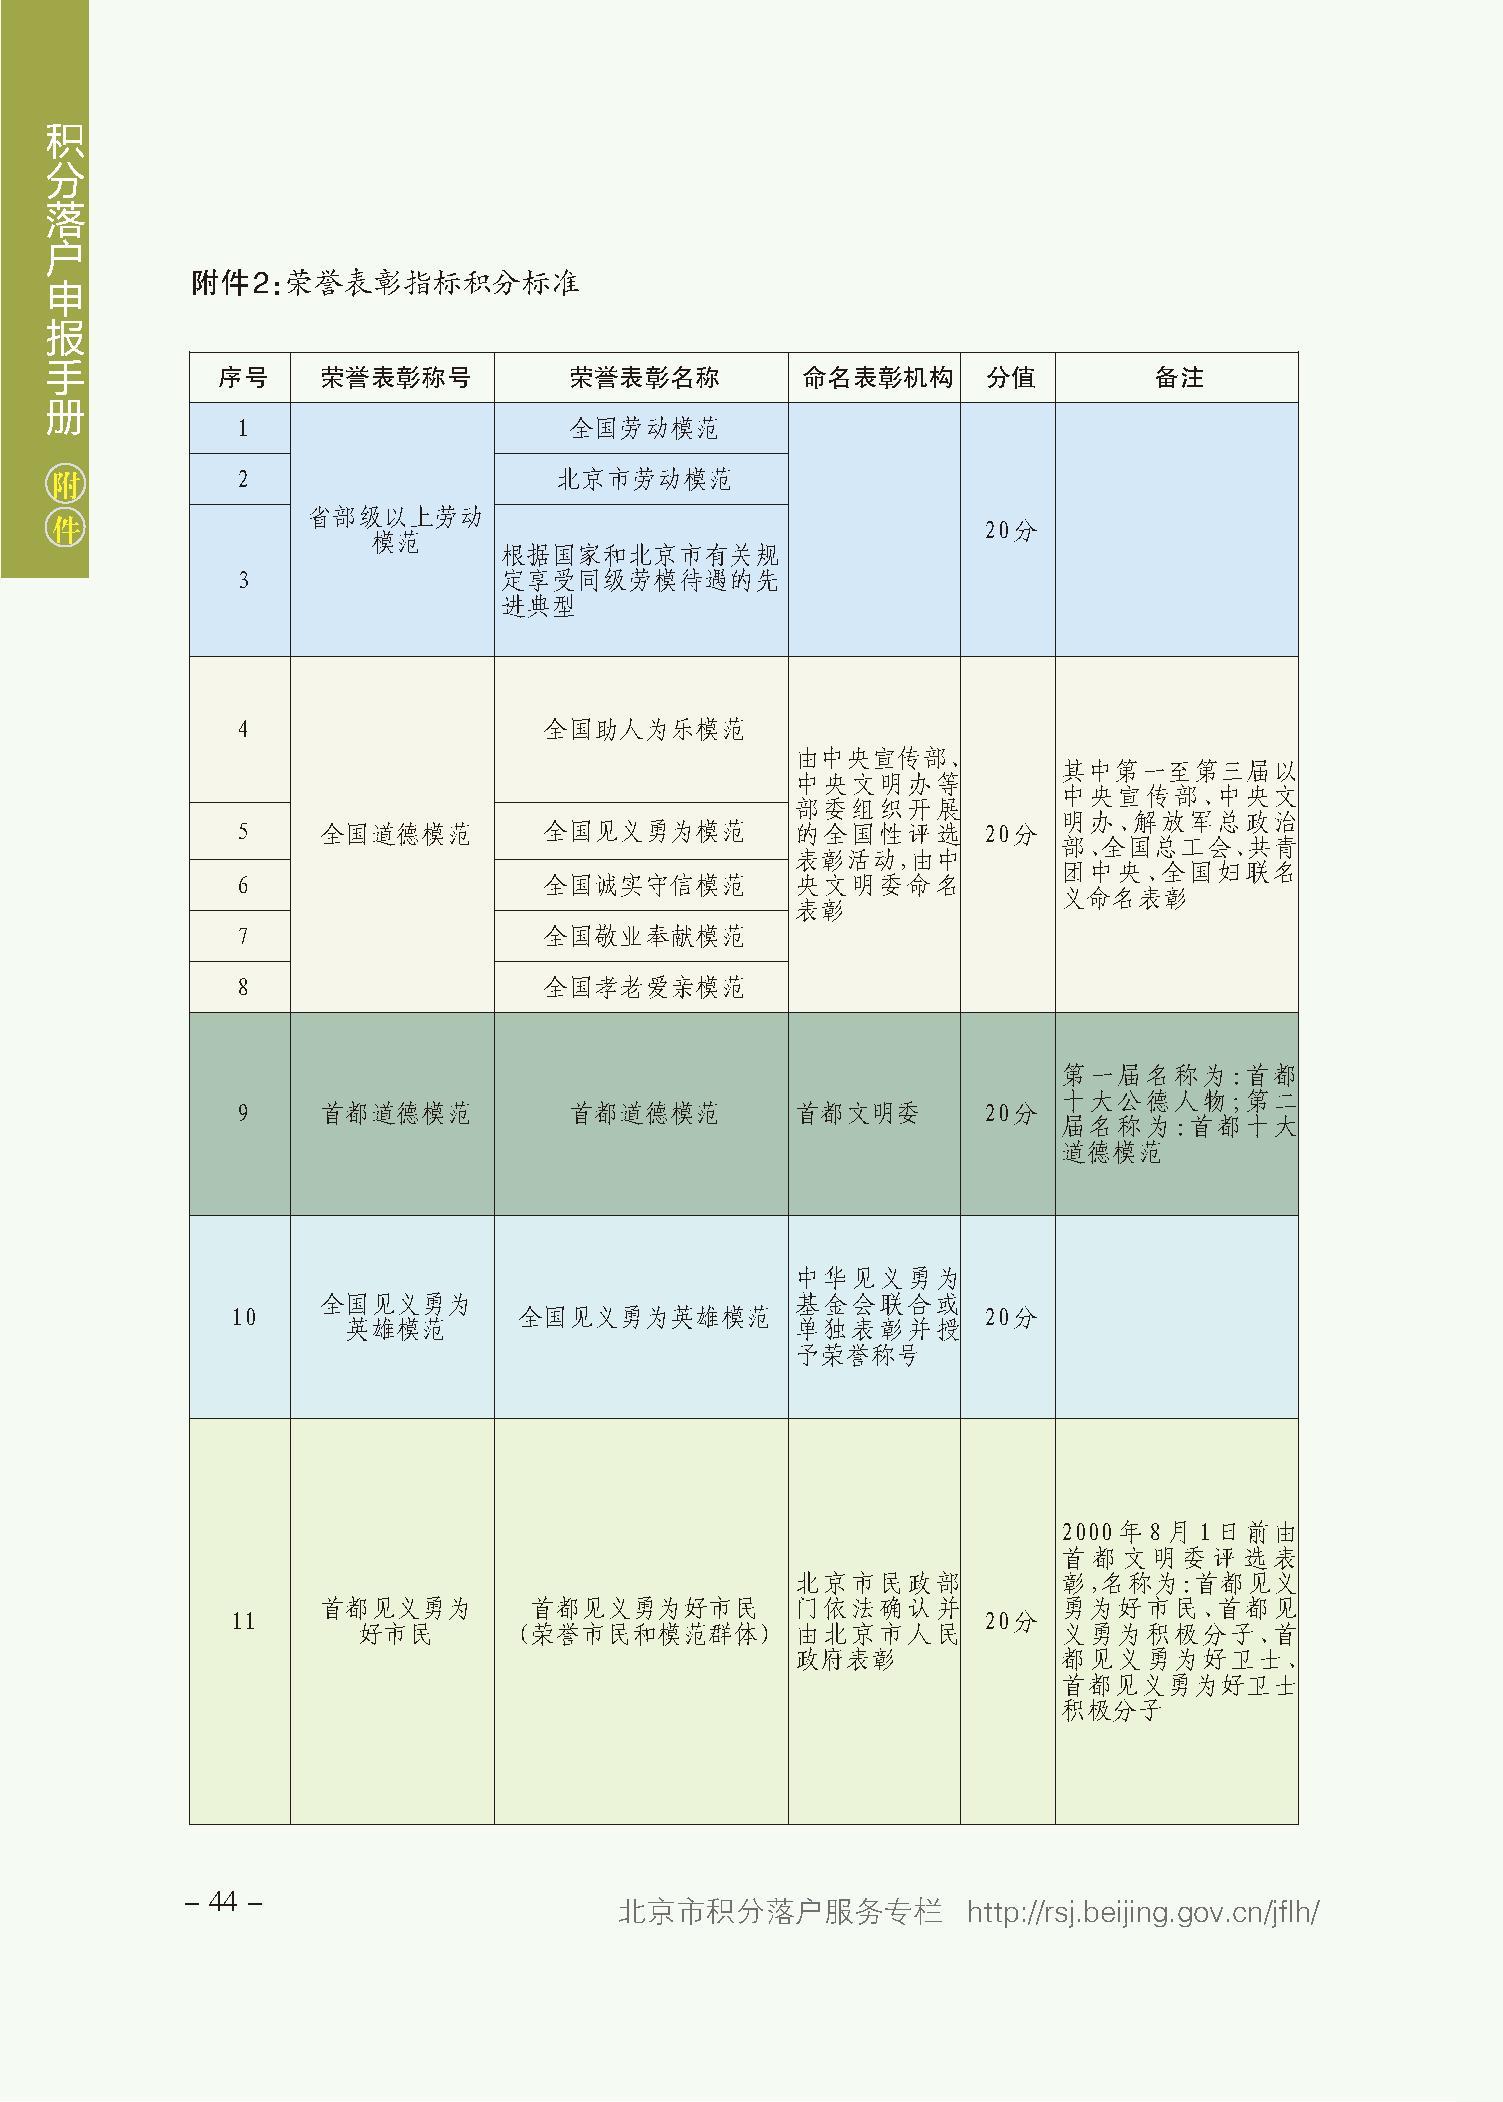 北京积分落户审核结果可查了 这些时间节点要牢记插图